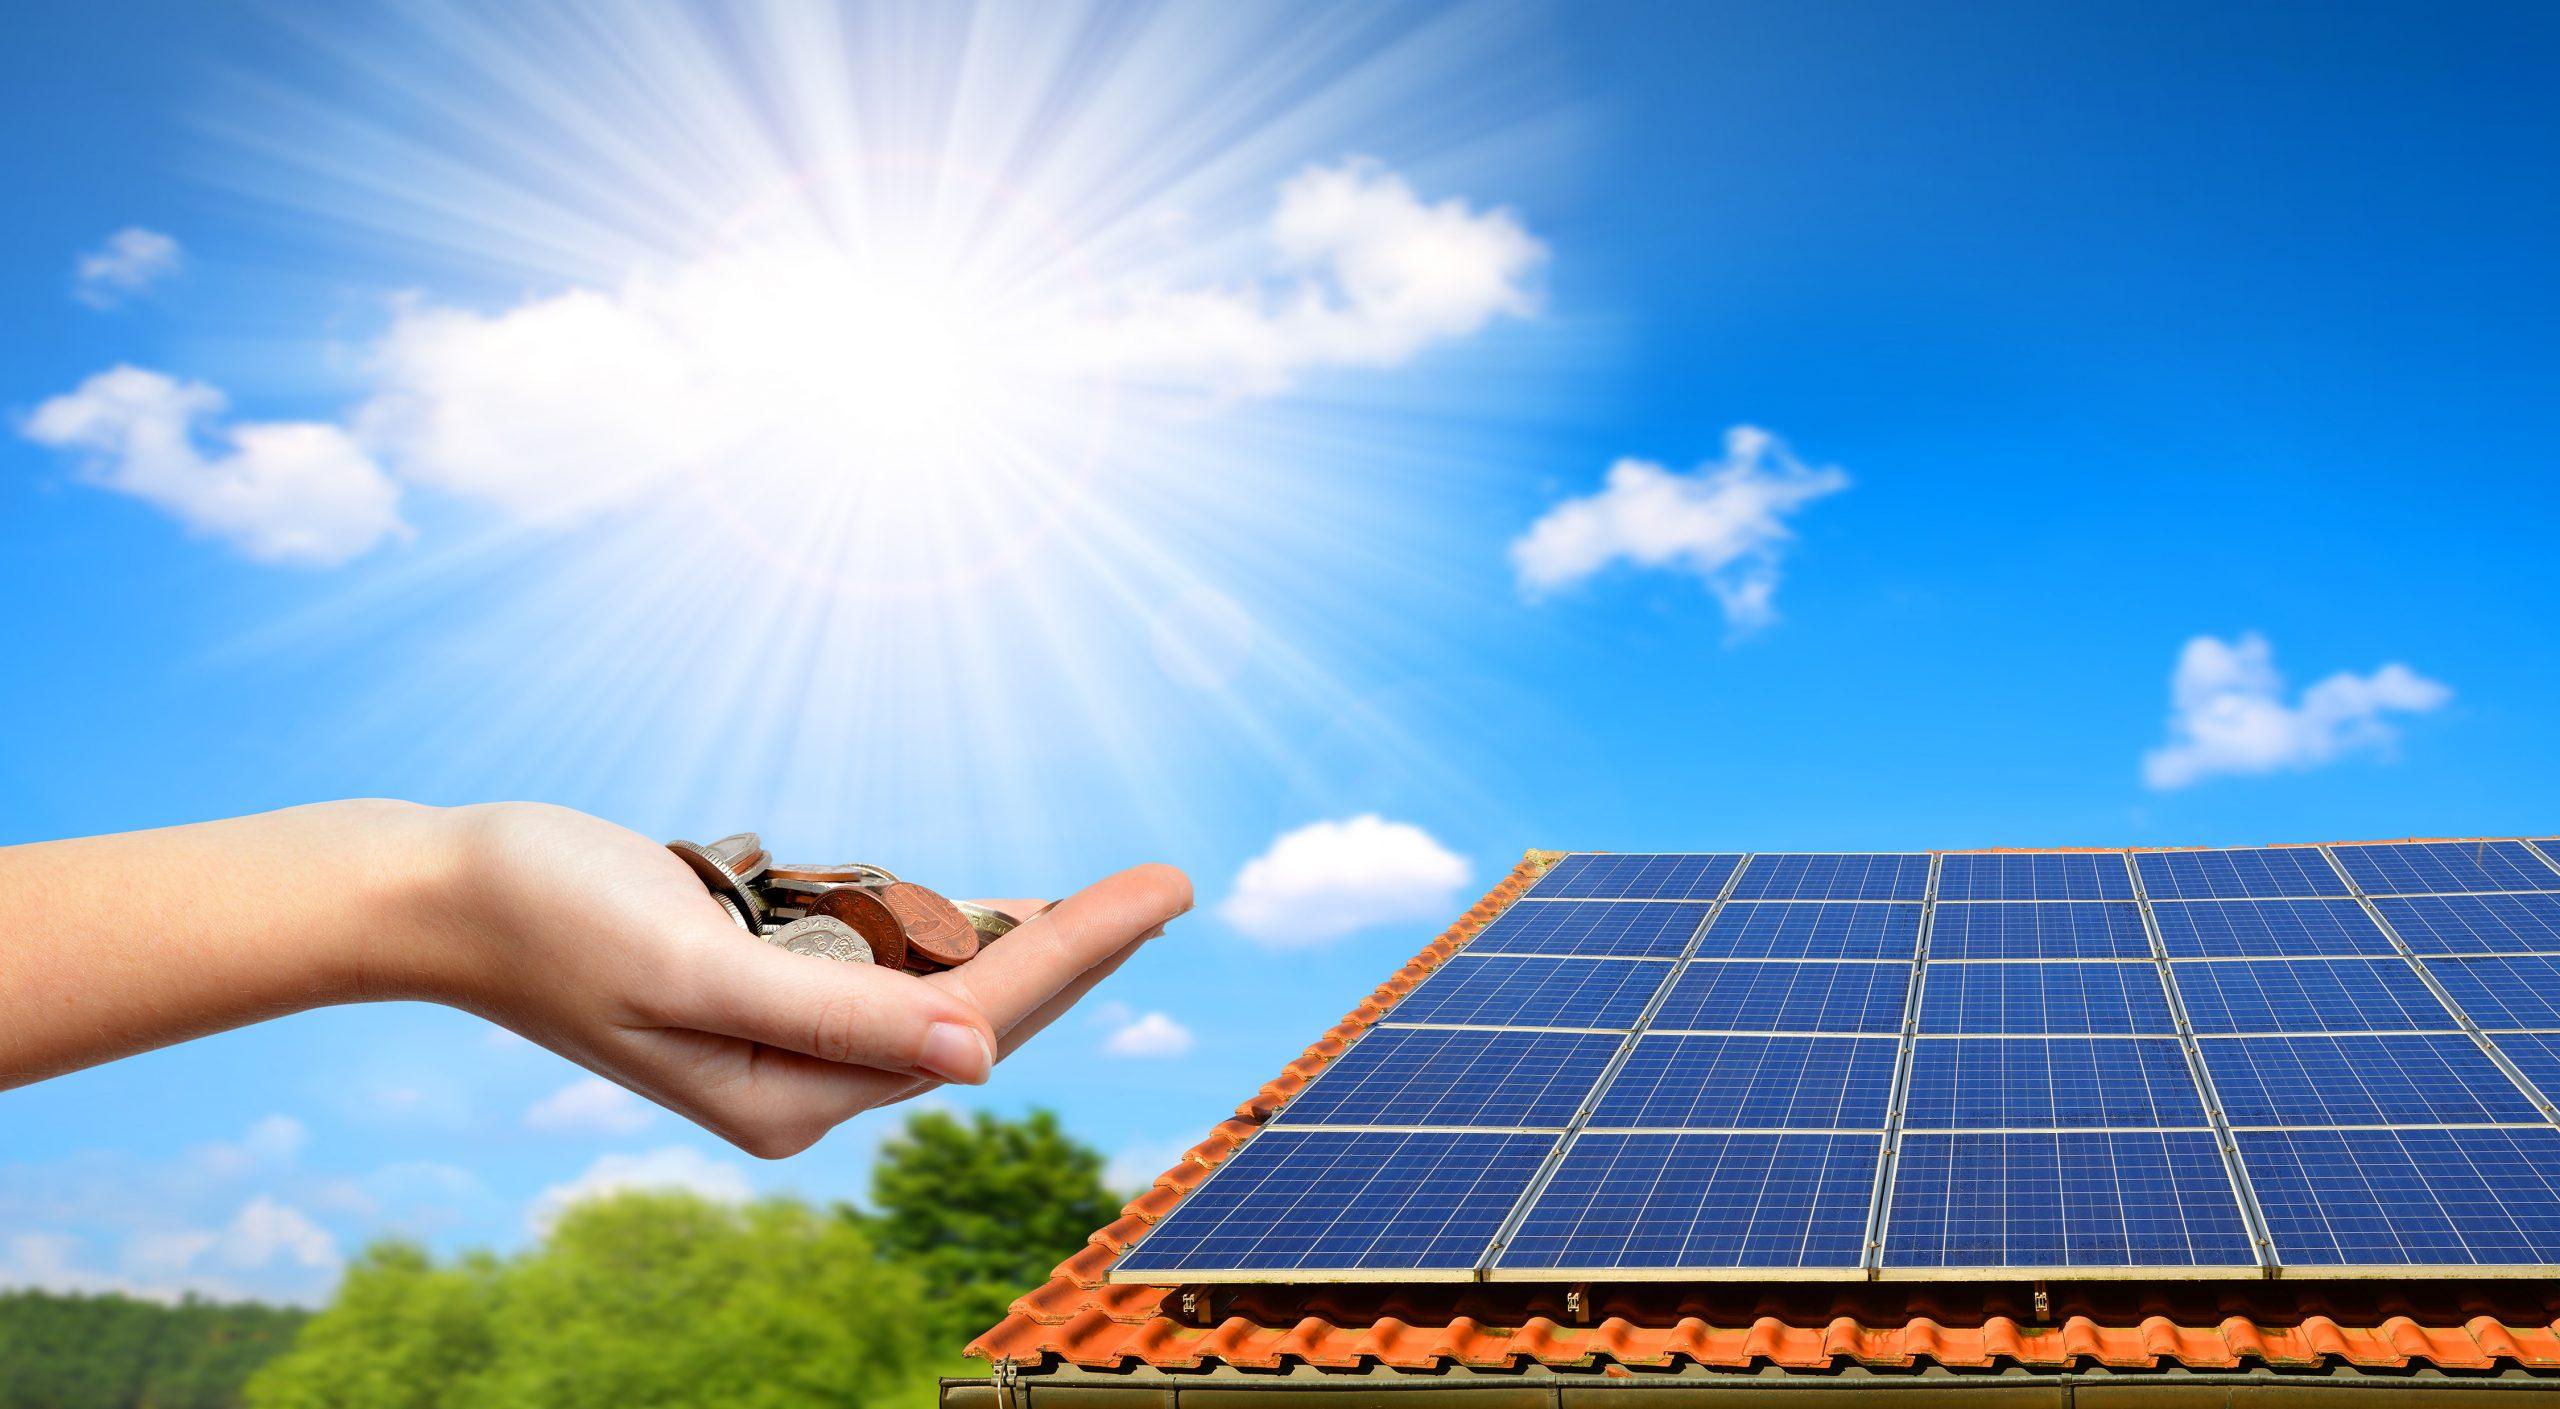 Investir dans l'energie solaire